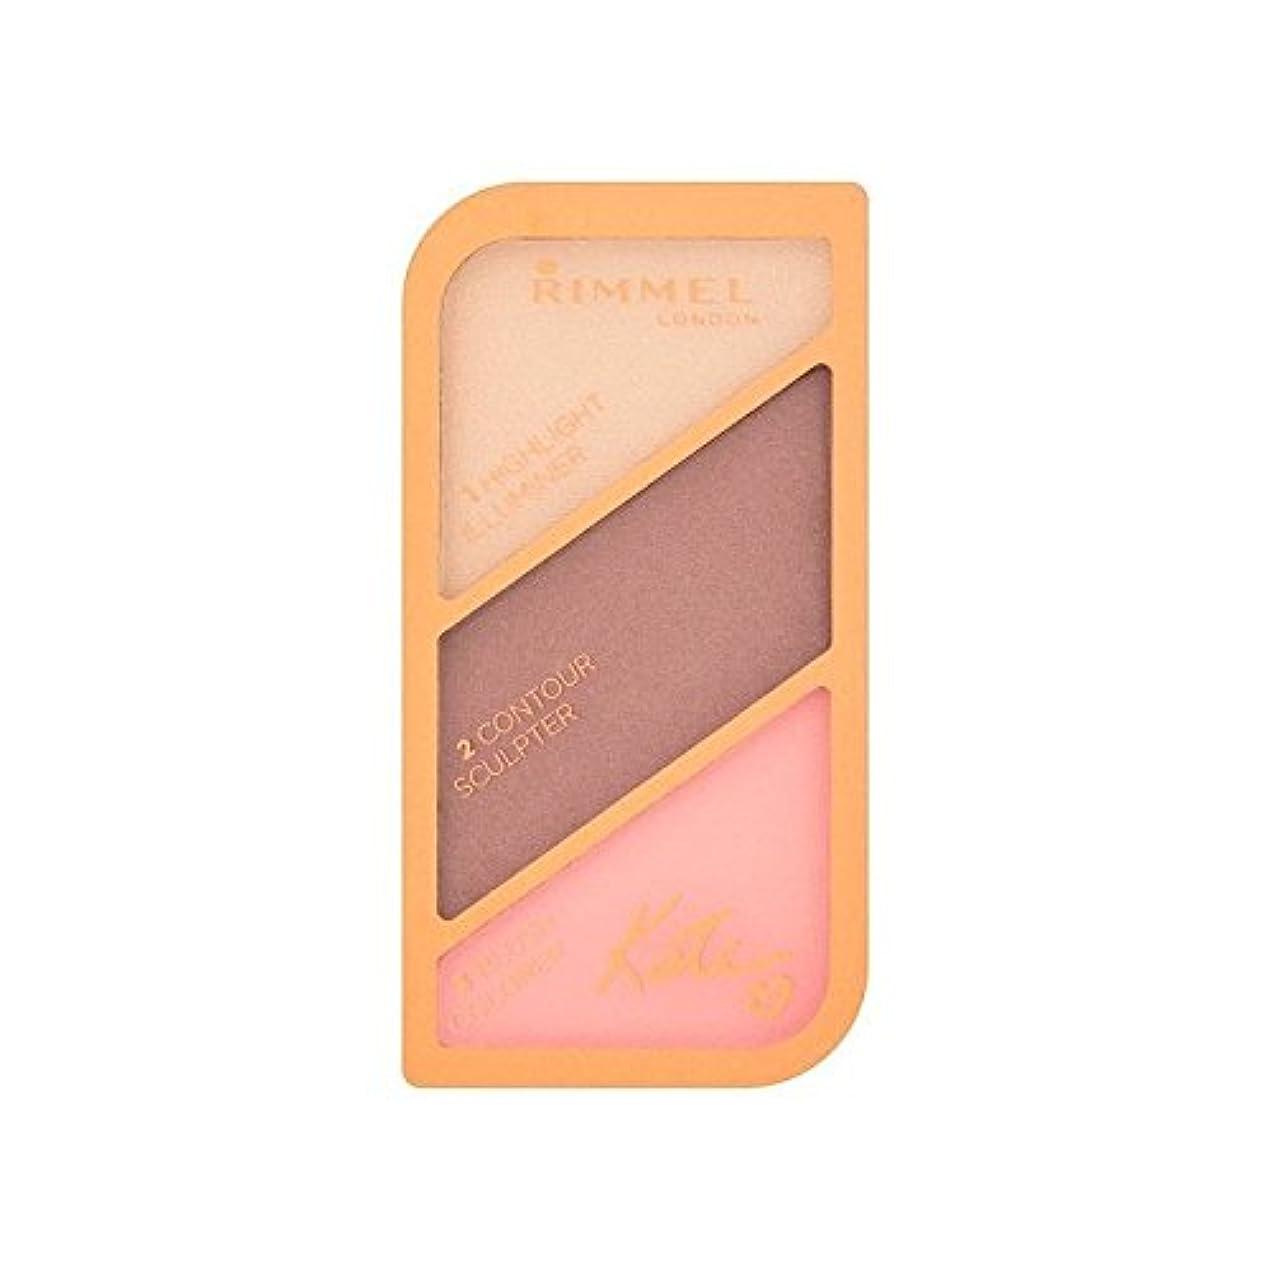 証明するコードレス蜜リンメルケイト?モスの彫刻パレット黄金のブロンズ003 x2 - Rimmel Kate Moss Sculpting Palette Golden Bronze 003 (Pack of 2) [並行輸入品]